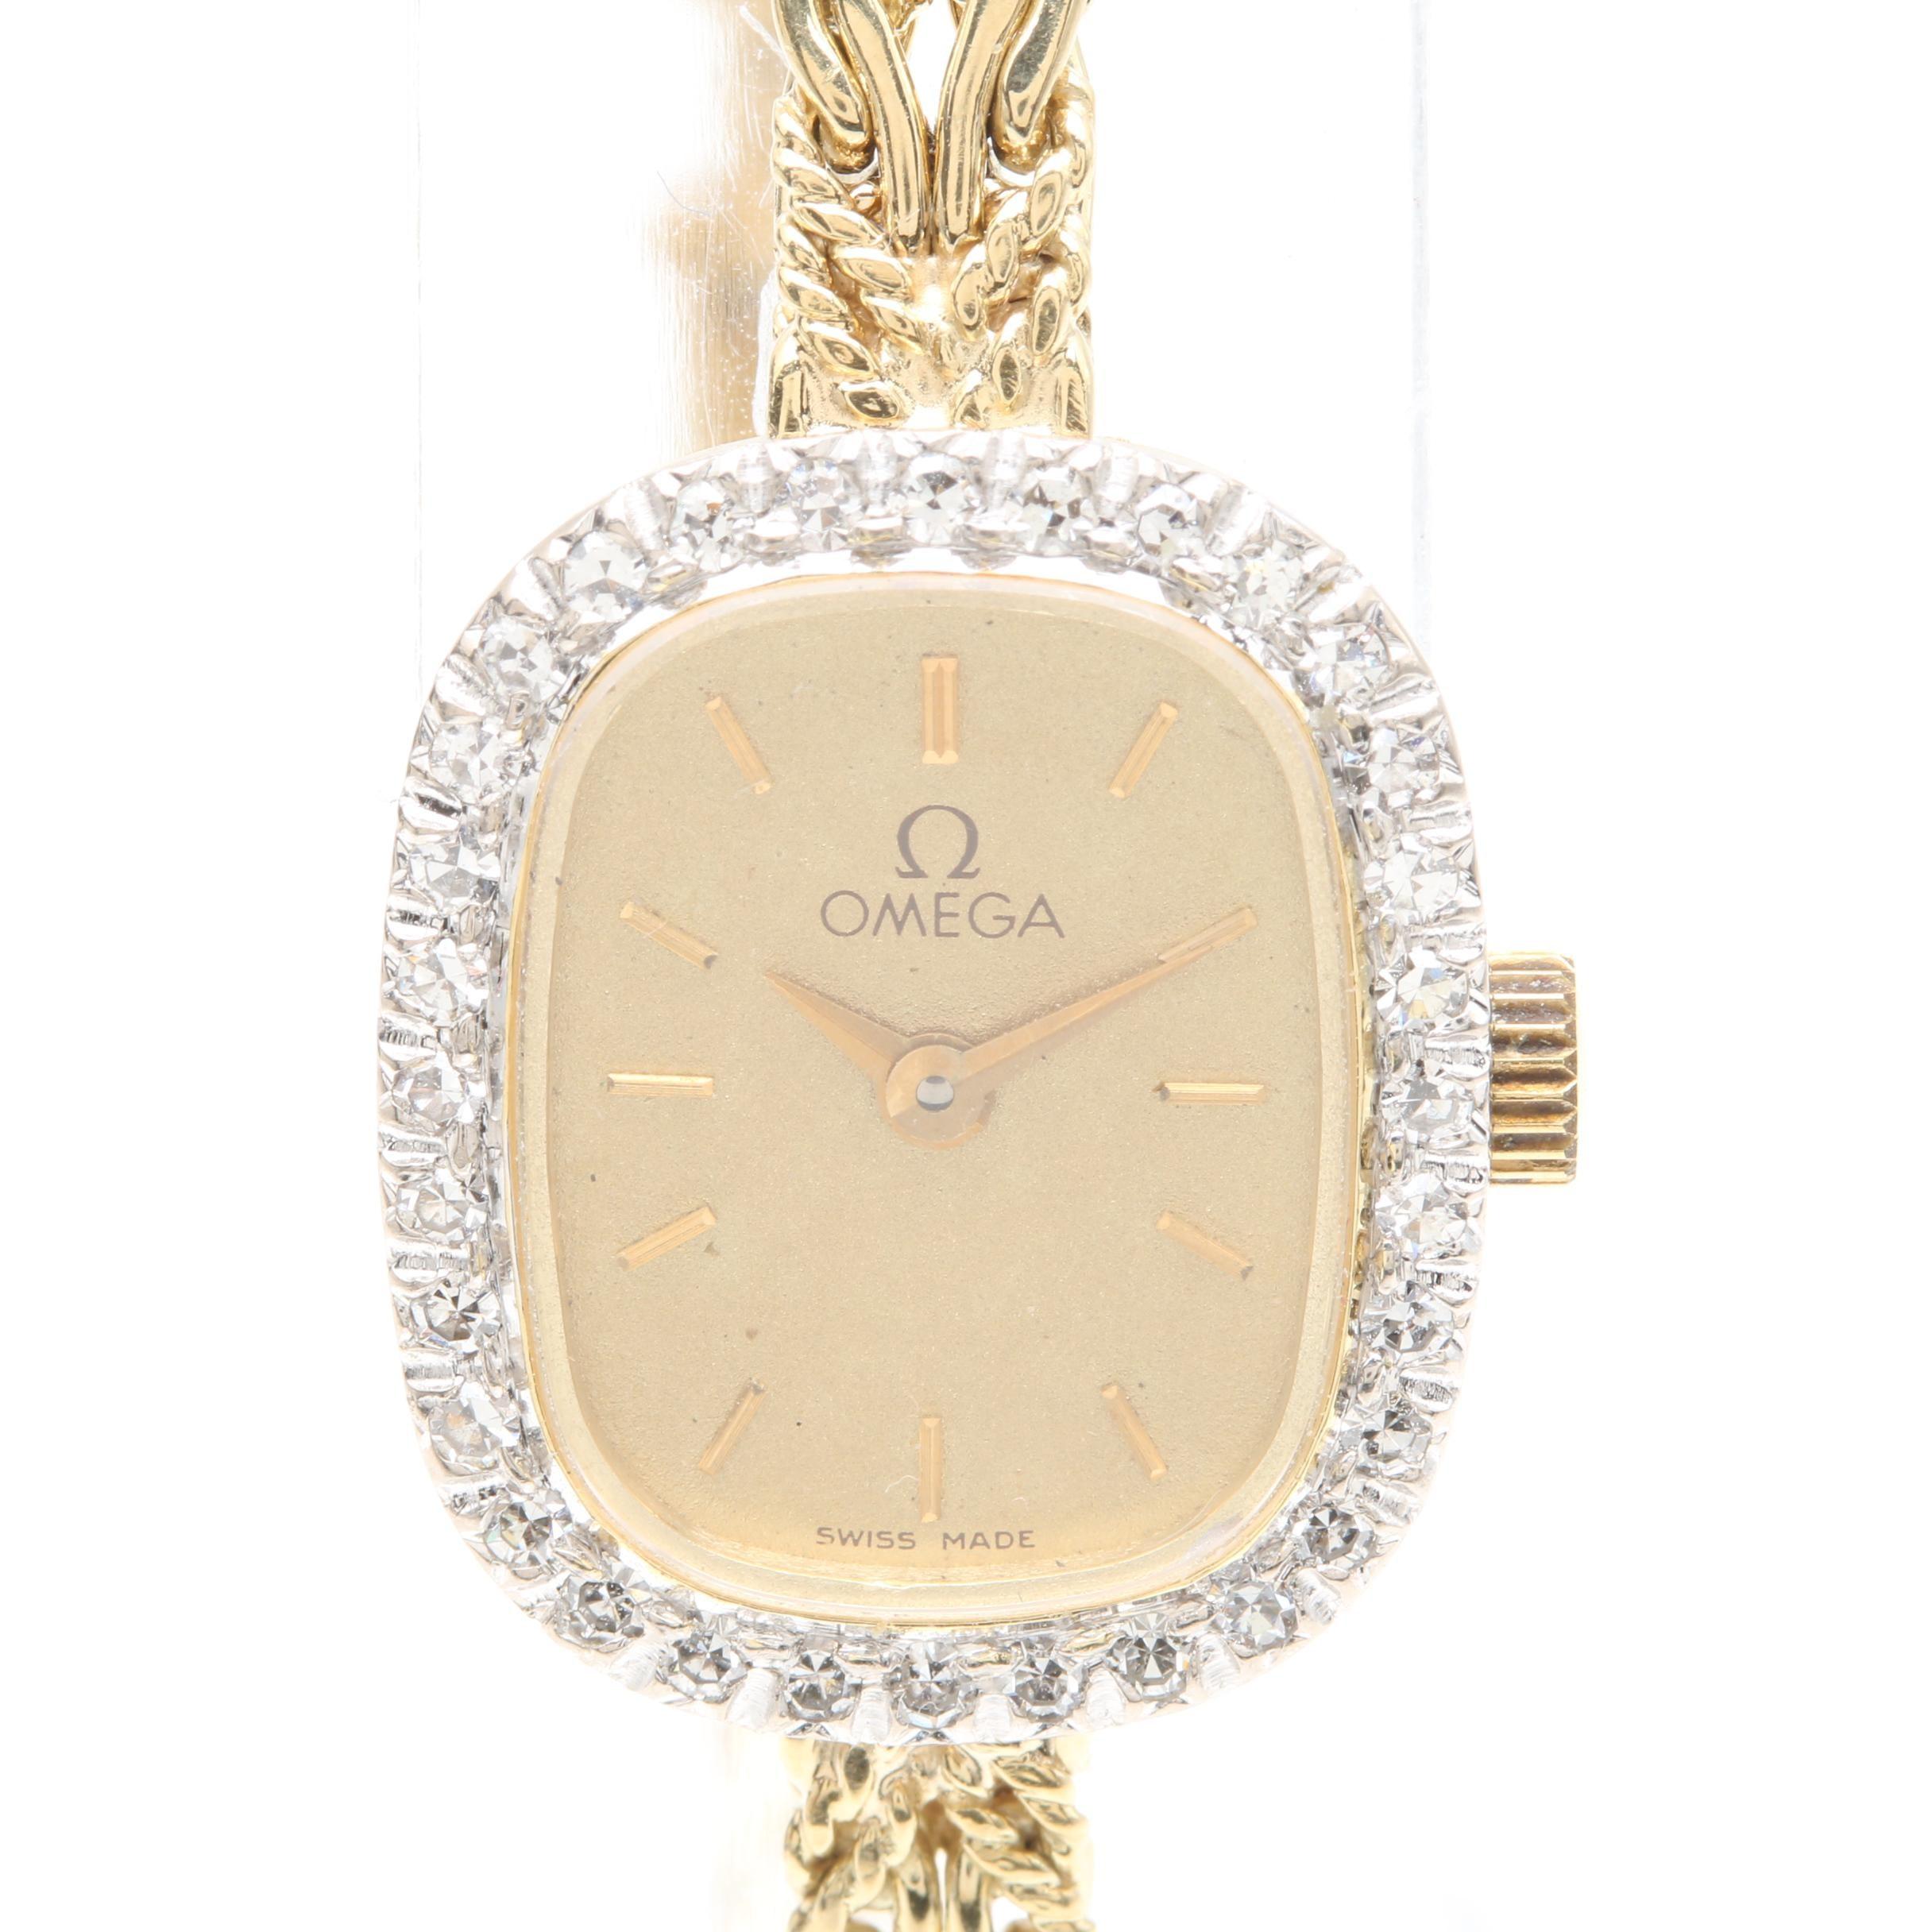 Omega 14K Yellow Gold Diamond Wristwatch